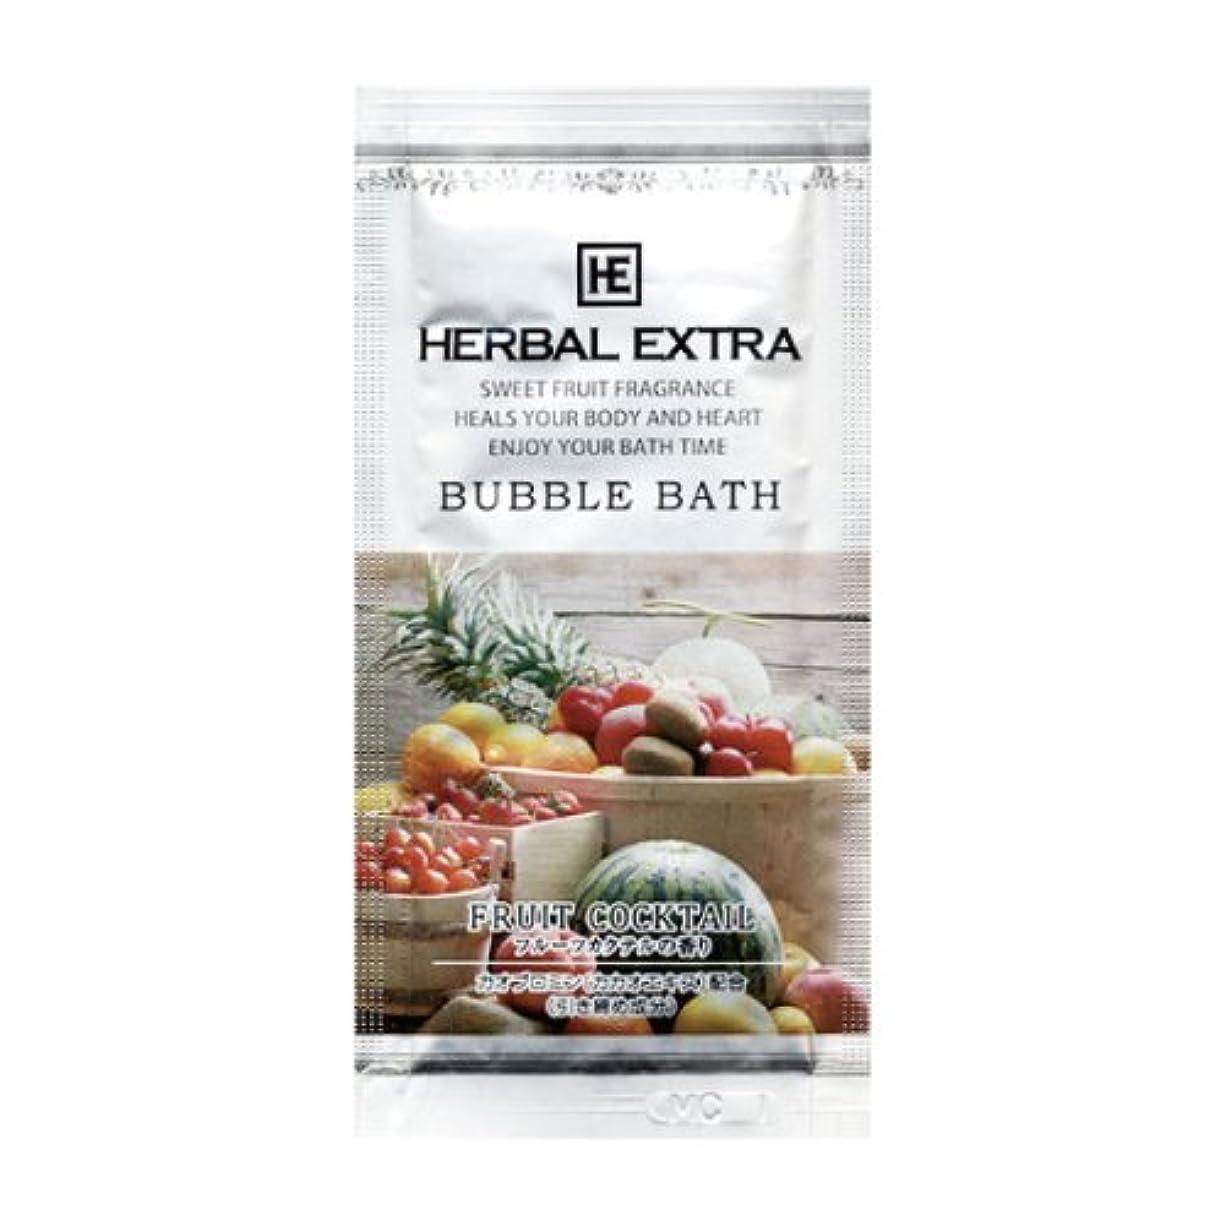 繰り返したパンチ生き返らせるハーバルエクストラ バブルバス フルーツカクテルの香り 12包